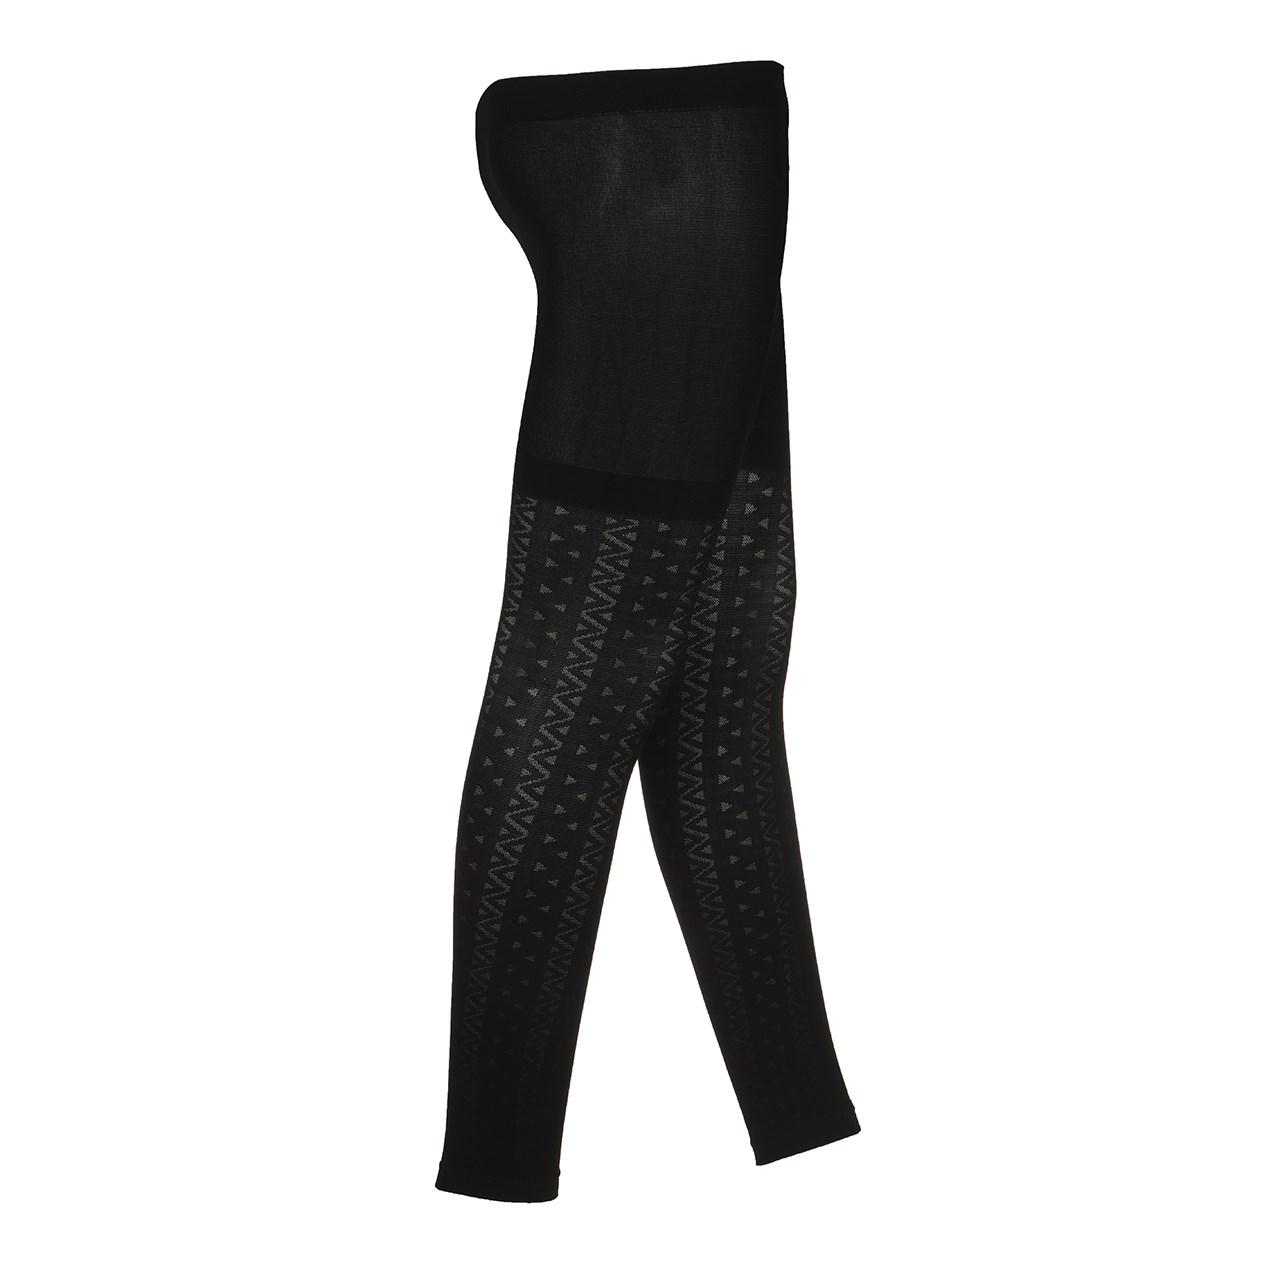 ساق شلواری  زنانه شهر شیک مدل 6006